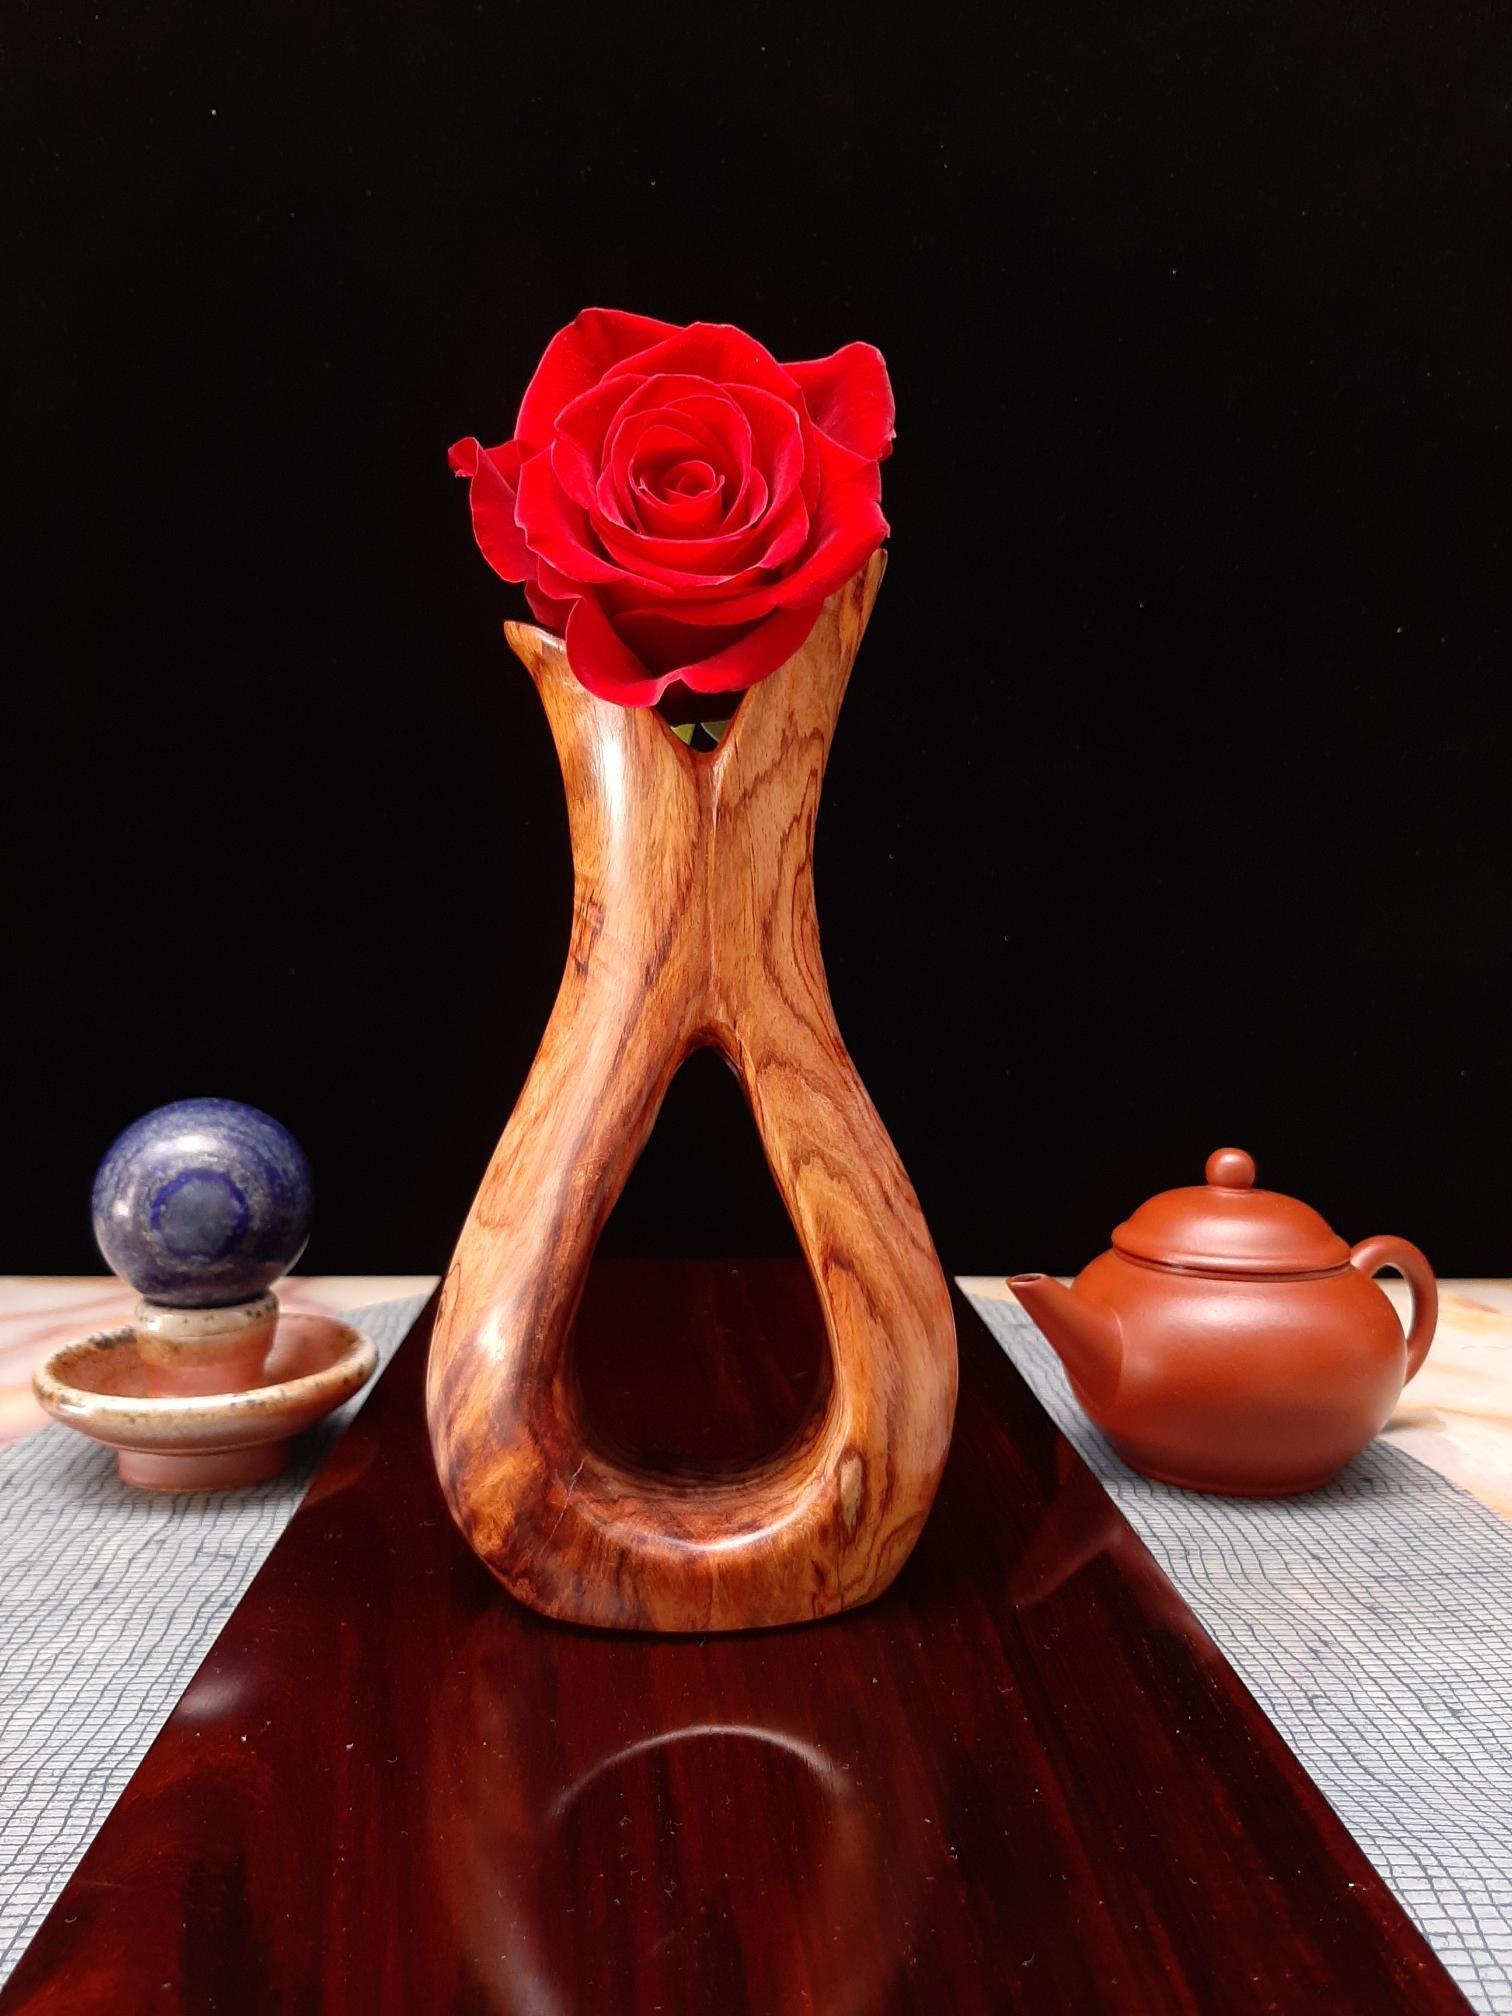 海南黃花梨擺件海黃藝品,最高約18.5公分,最寬約9.5公分,最厚約5公分,重約236公克,公共空間藝術擺件~美麗東方玫瑰~望之任思緒遐想翱翔,擺茶蓆禪意無限